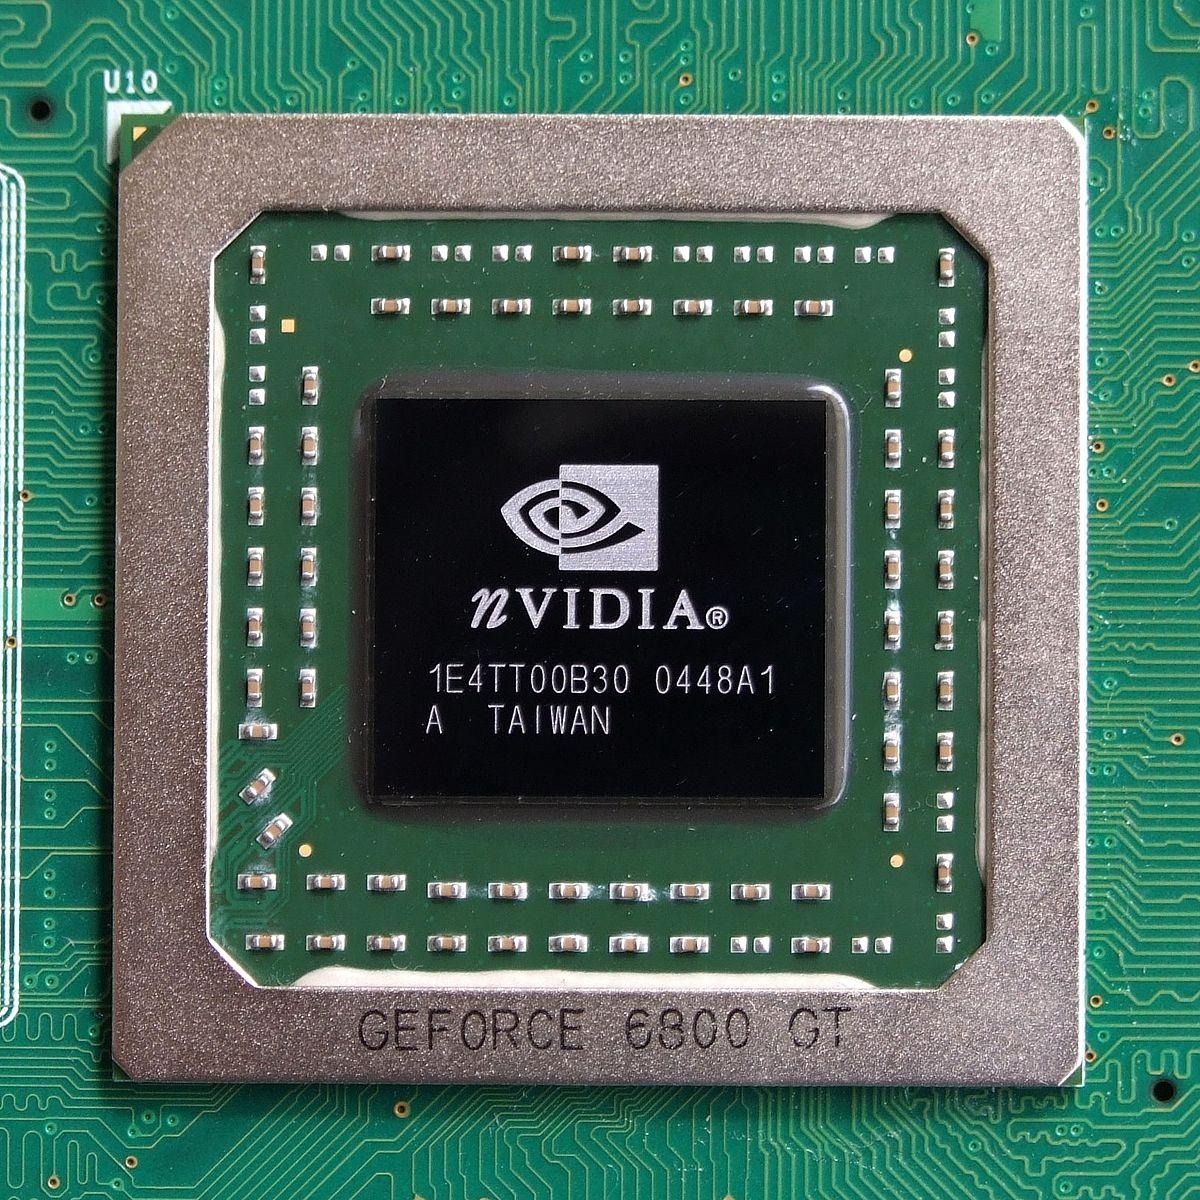 Графический процессор: что это такое и зачем используется?